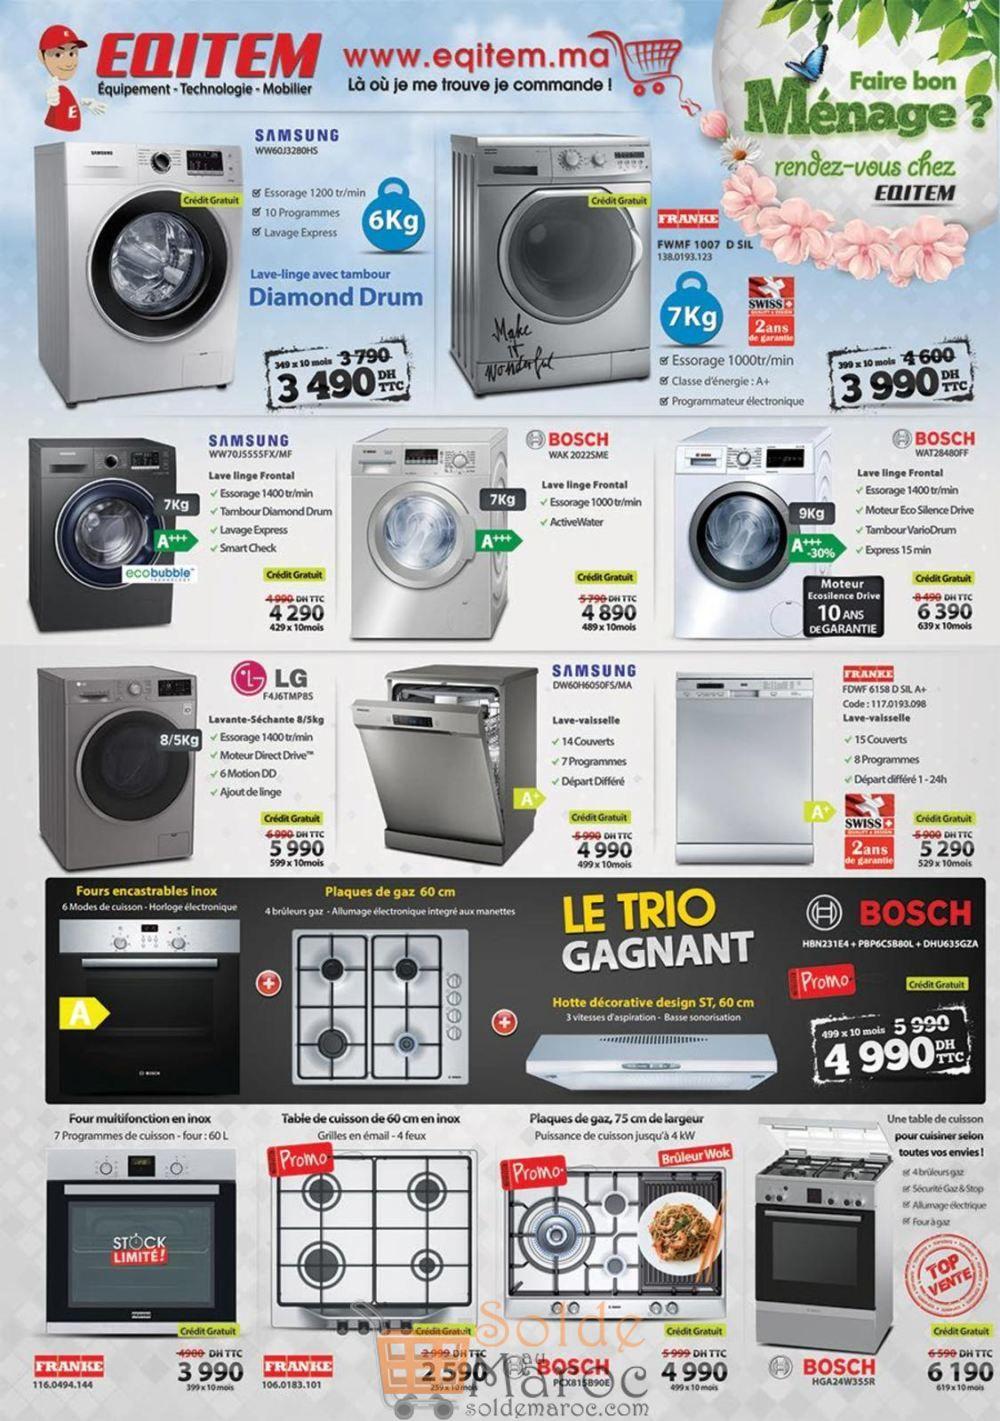 Catalogue Eqitem Electro Printemps 2018